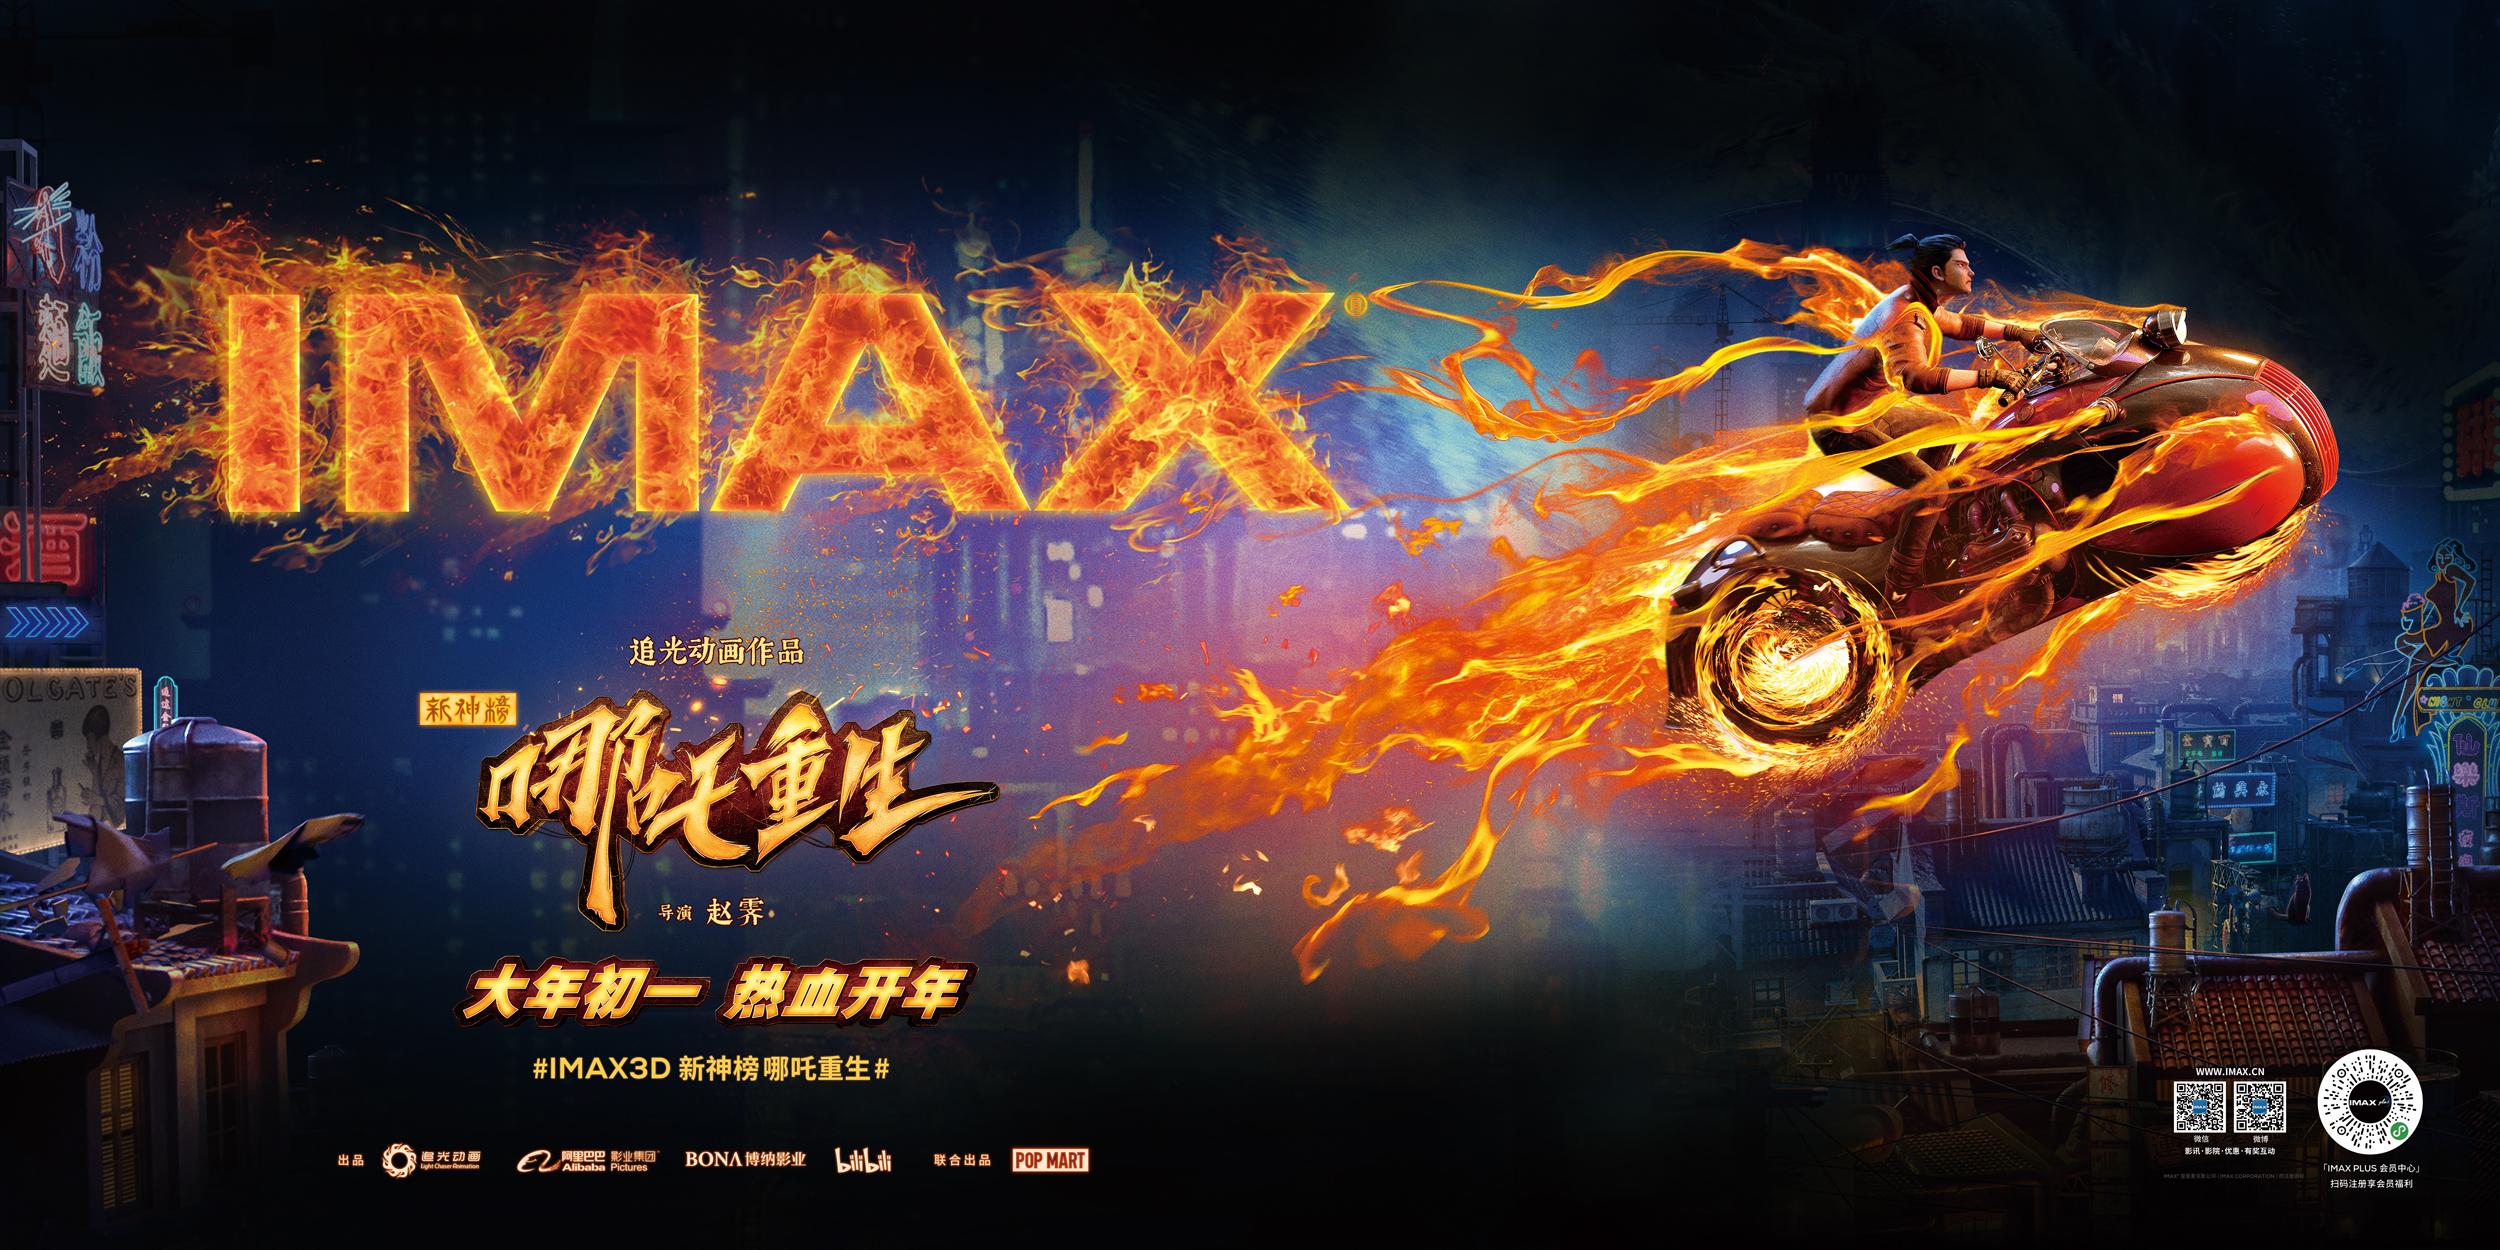 IMAX发布《新神榜:哪吒重生》导演特辑 赵霁推荐IMAX体验国漫视觉奇观